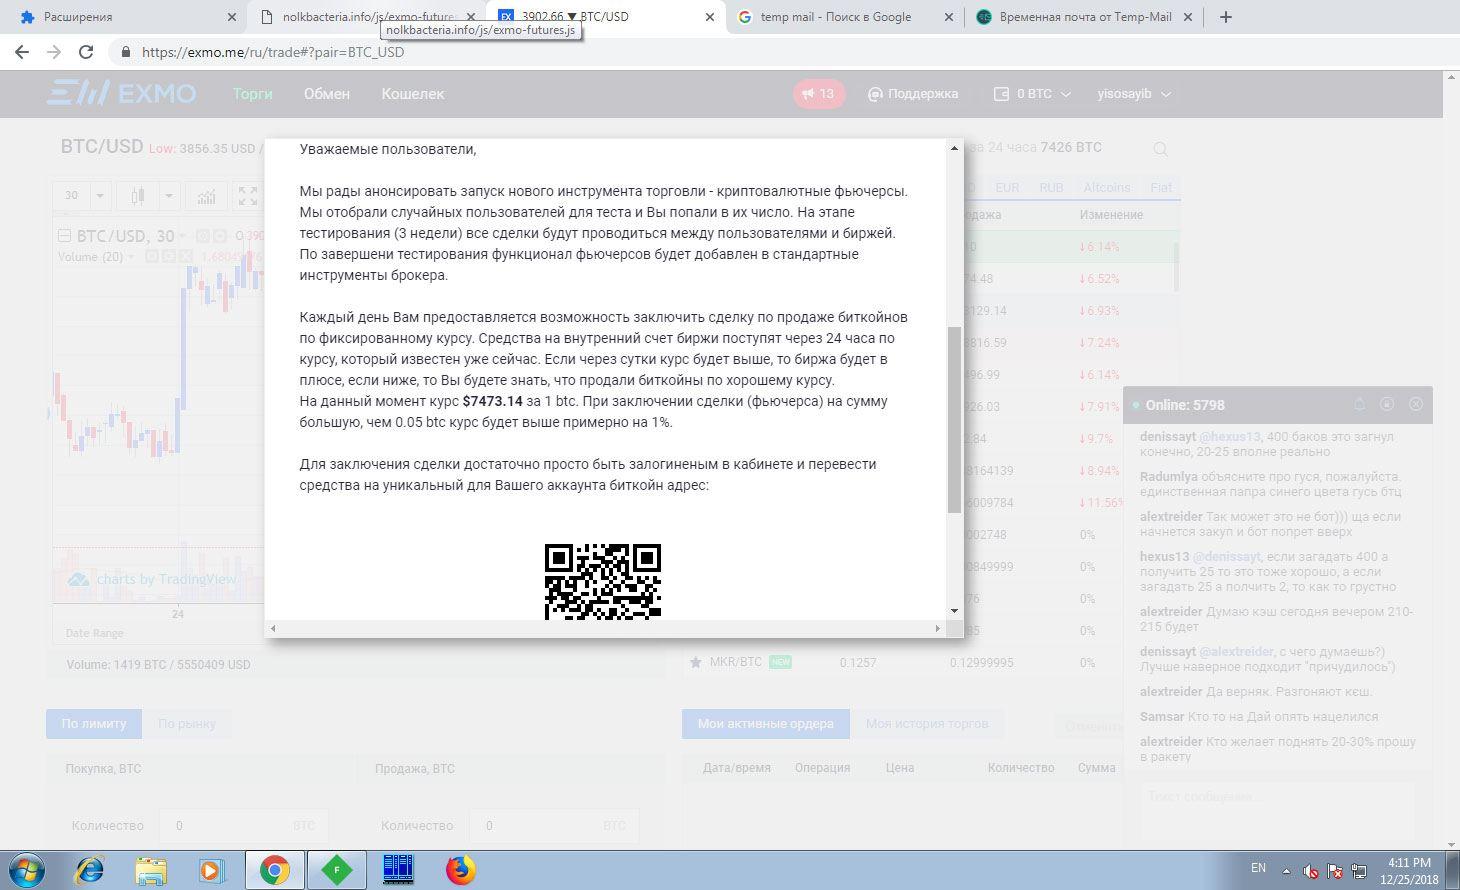 Trojaner Razy bestückt Suchergebnisse mit Phishing-Links